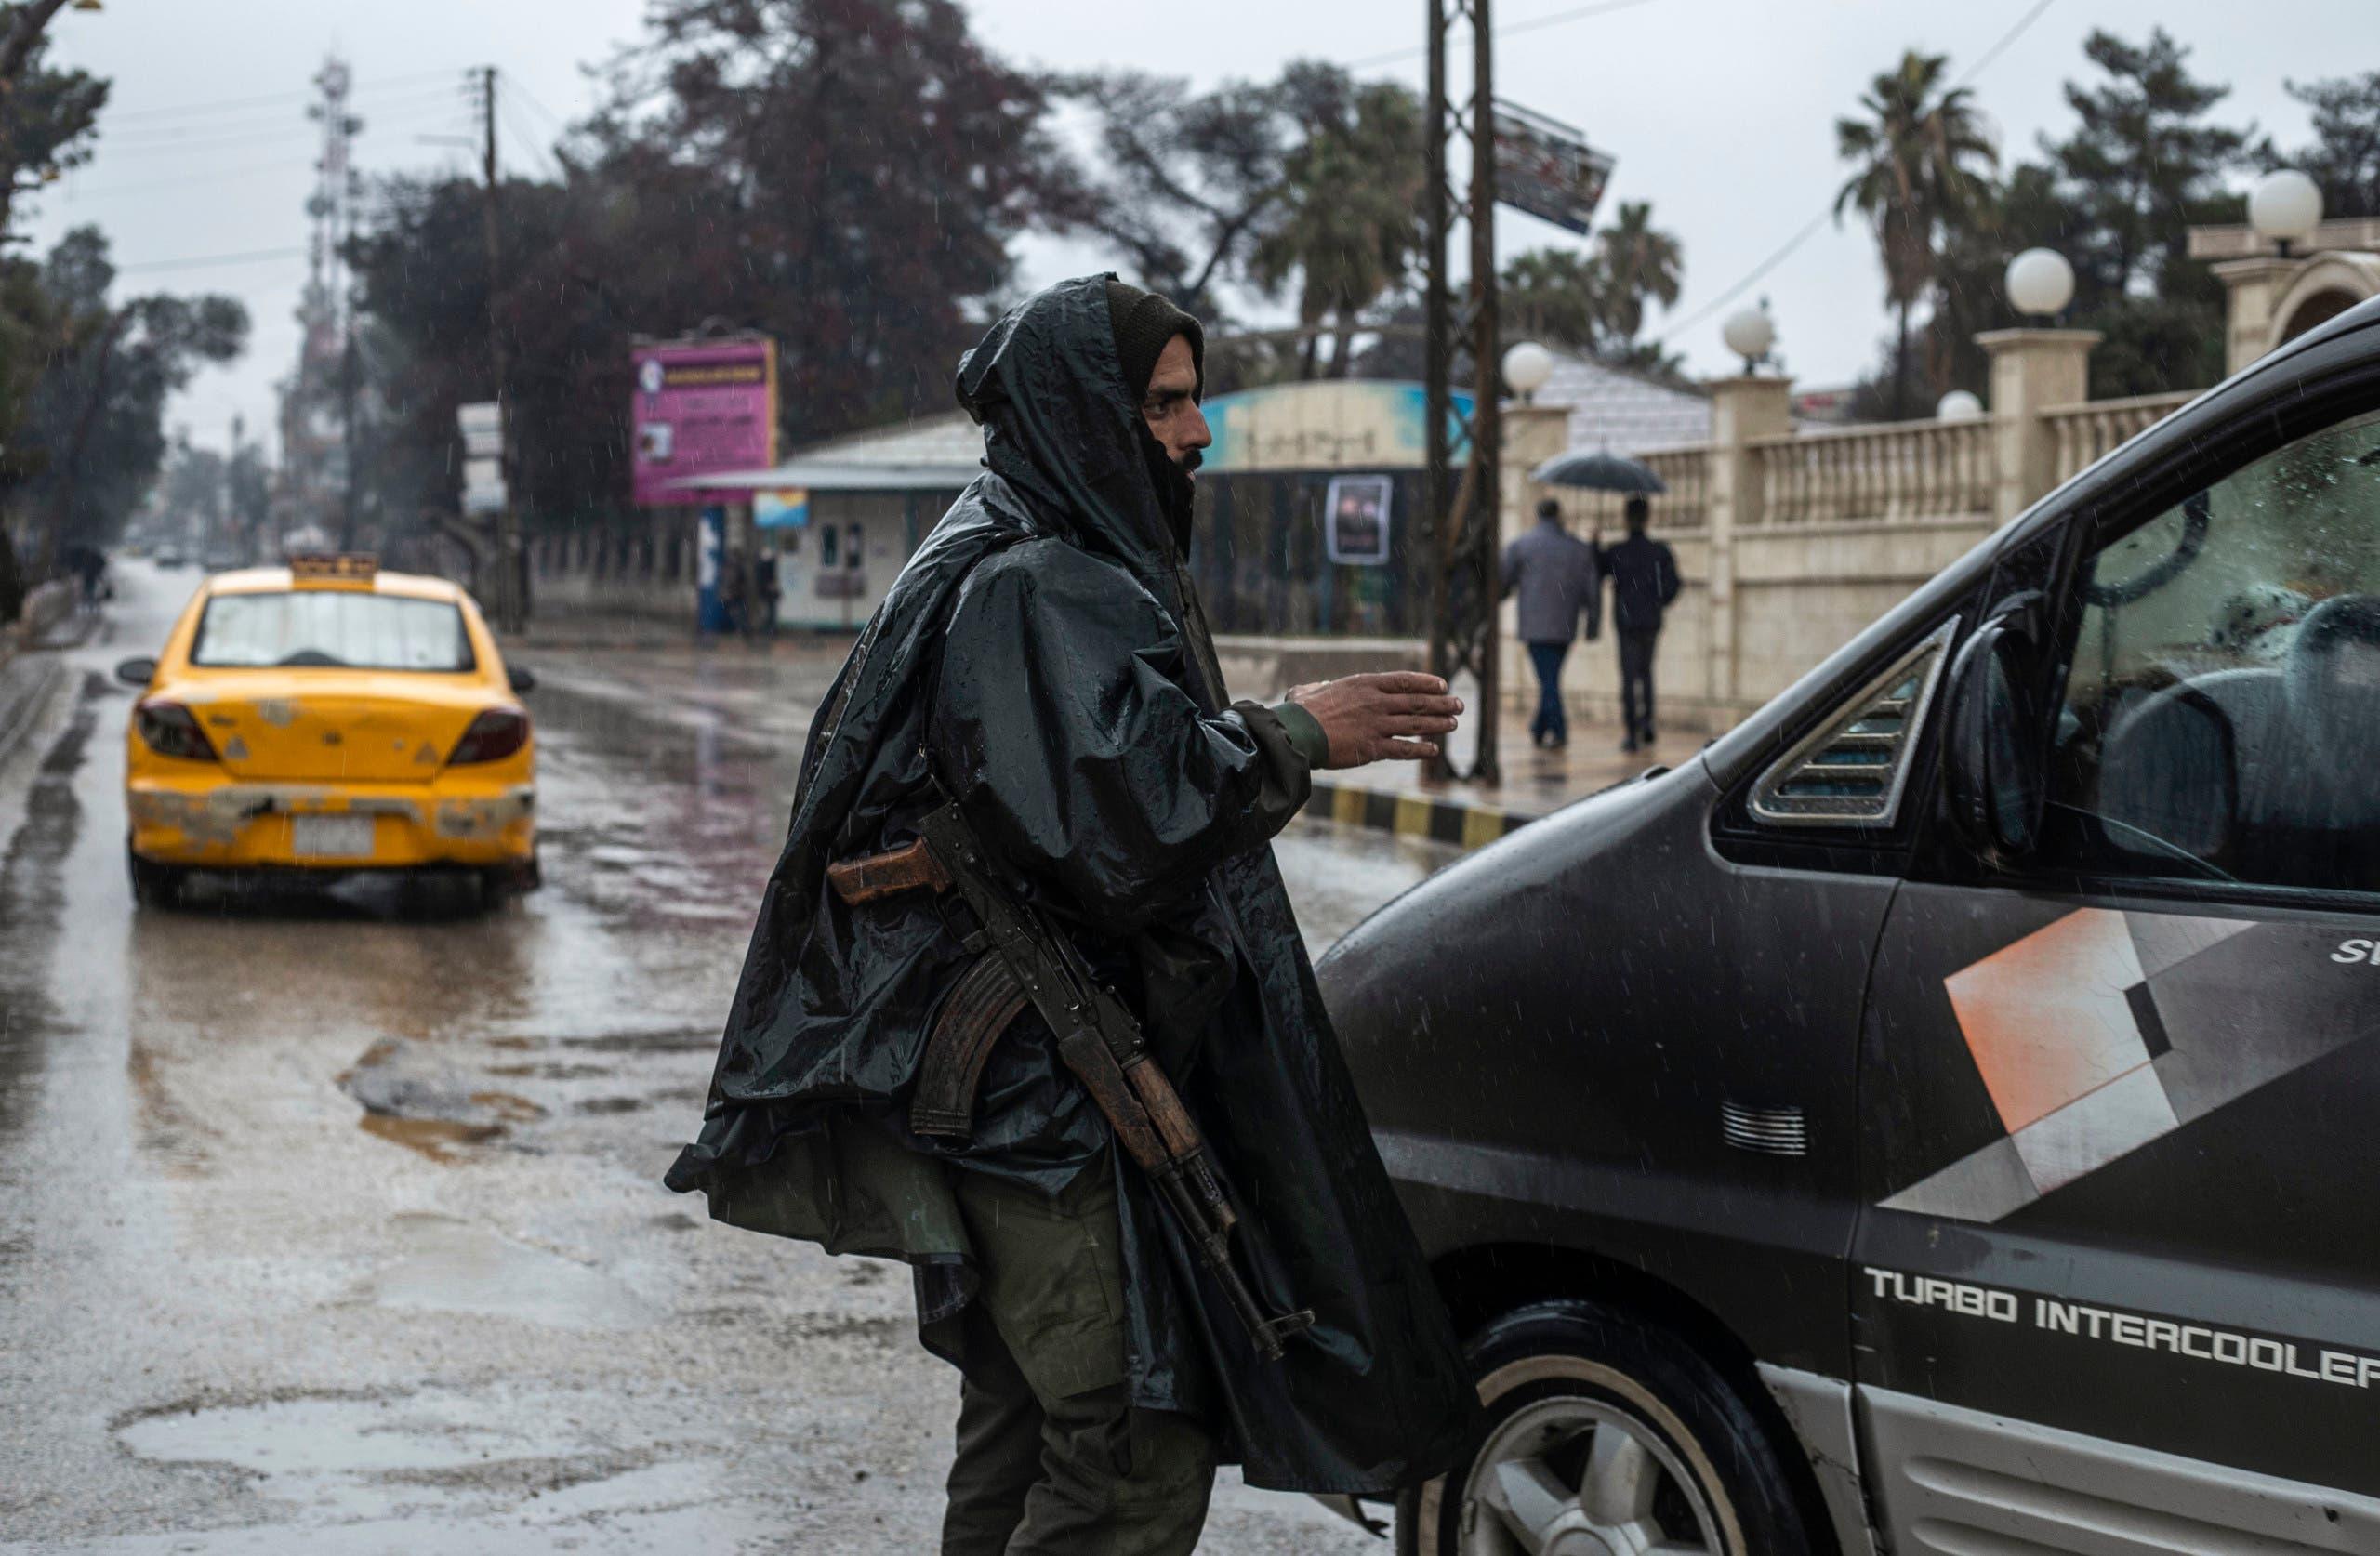 عضو SDF در کامیشلی (بایگانی - مطبوعات فرانسه)